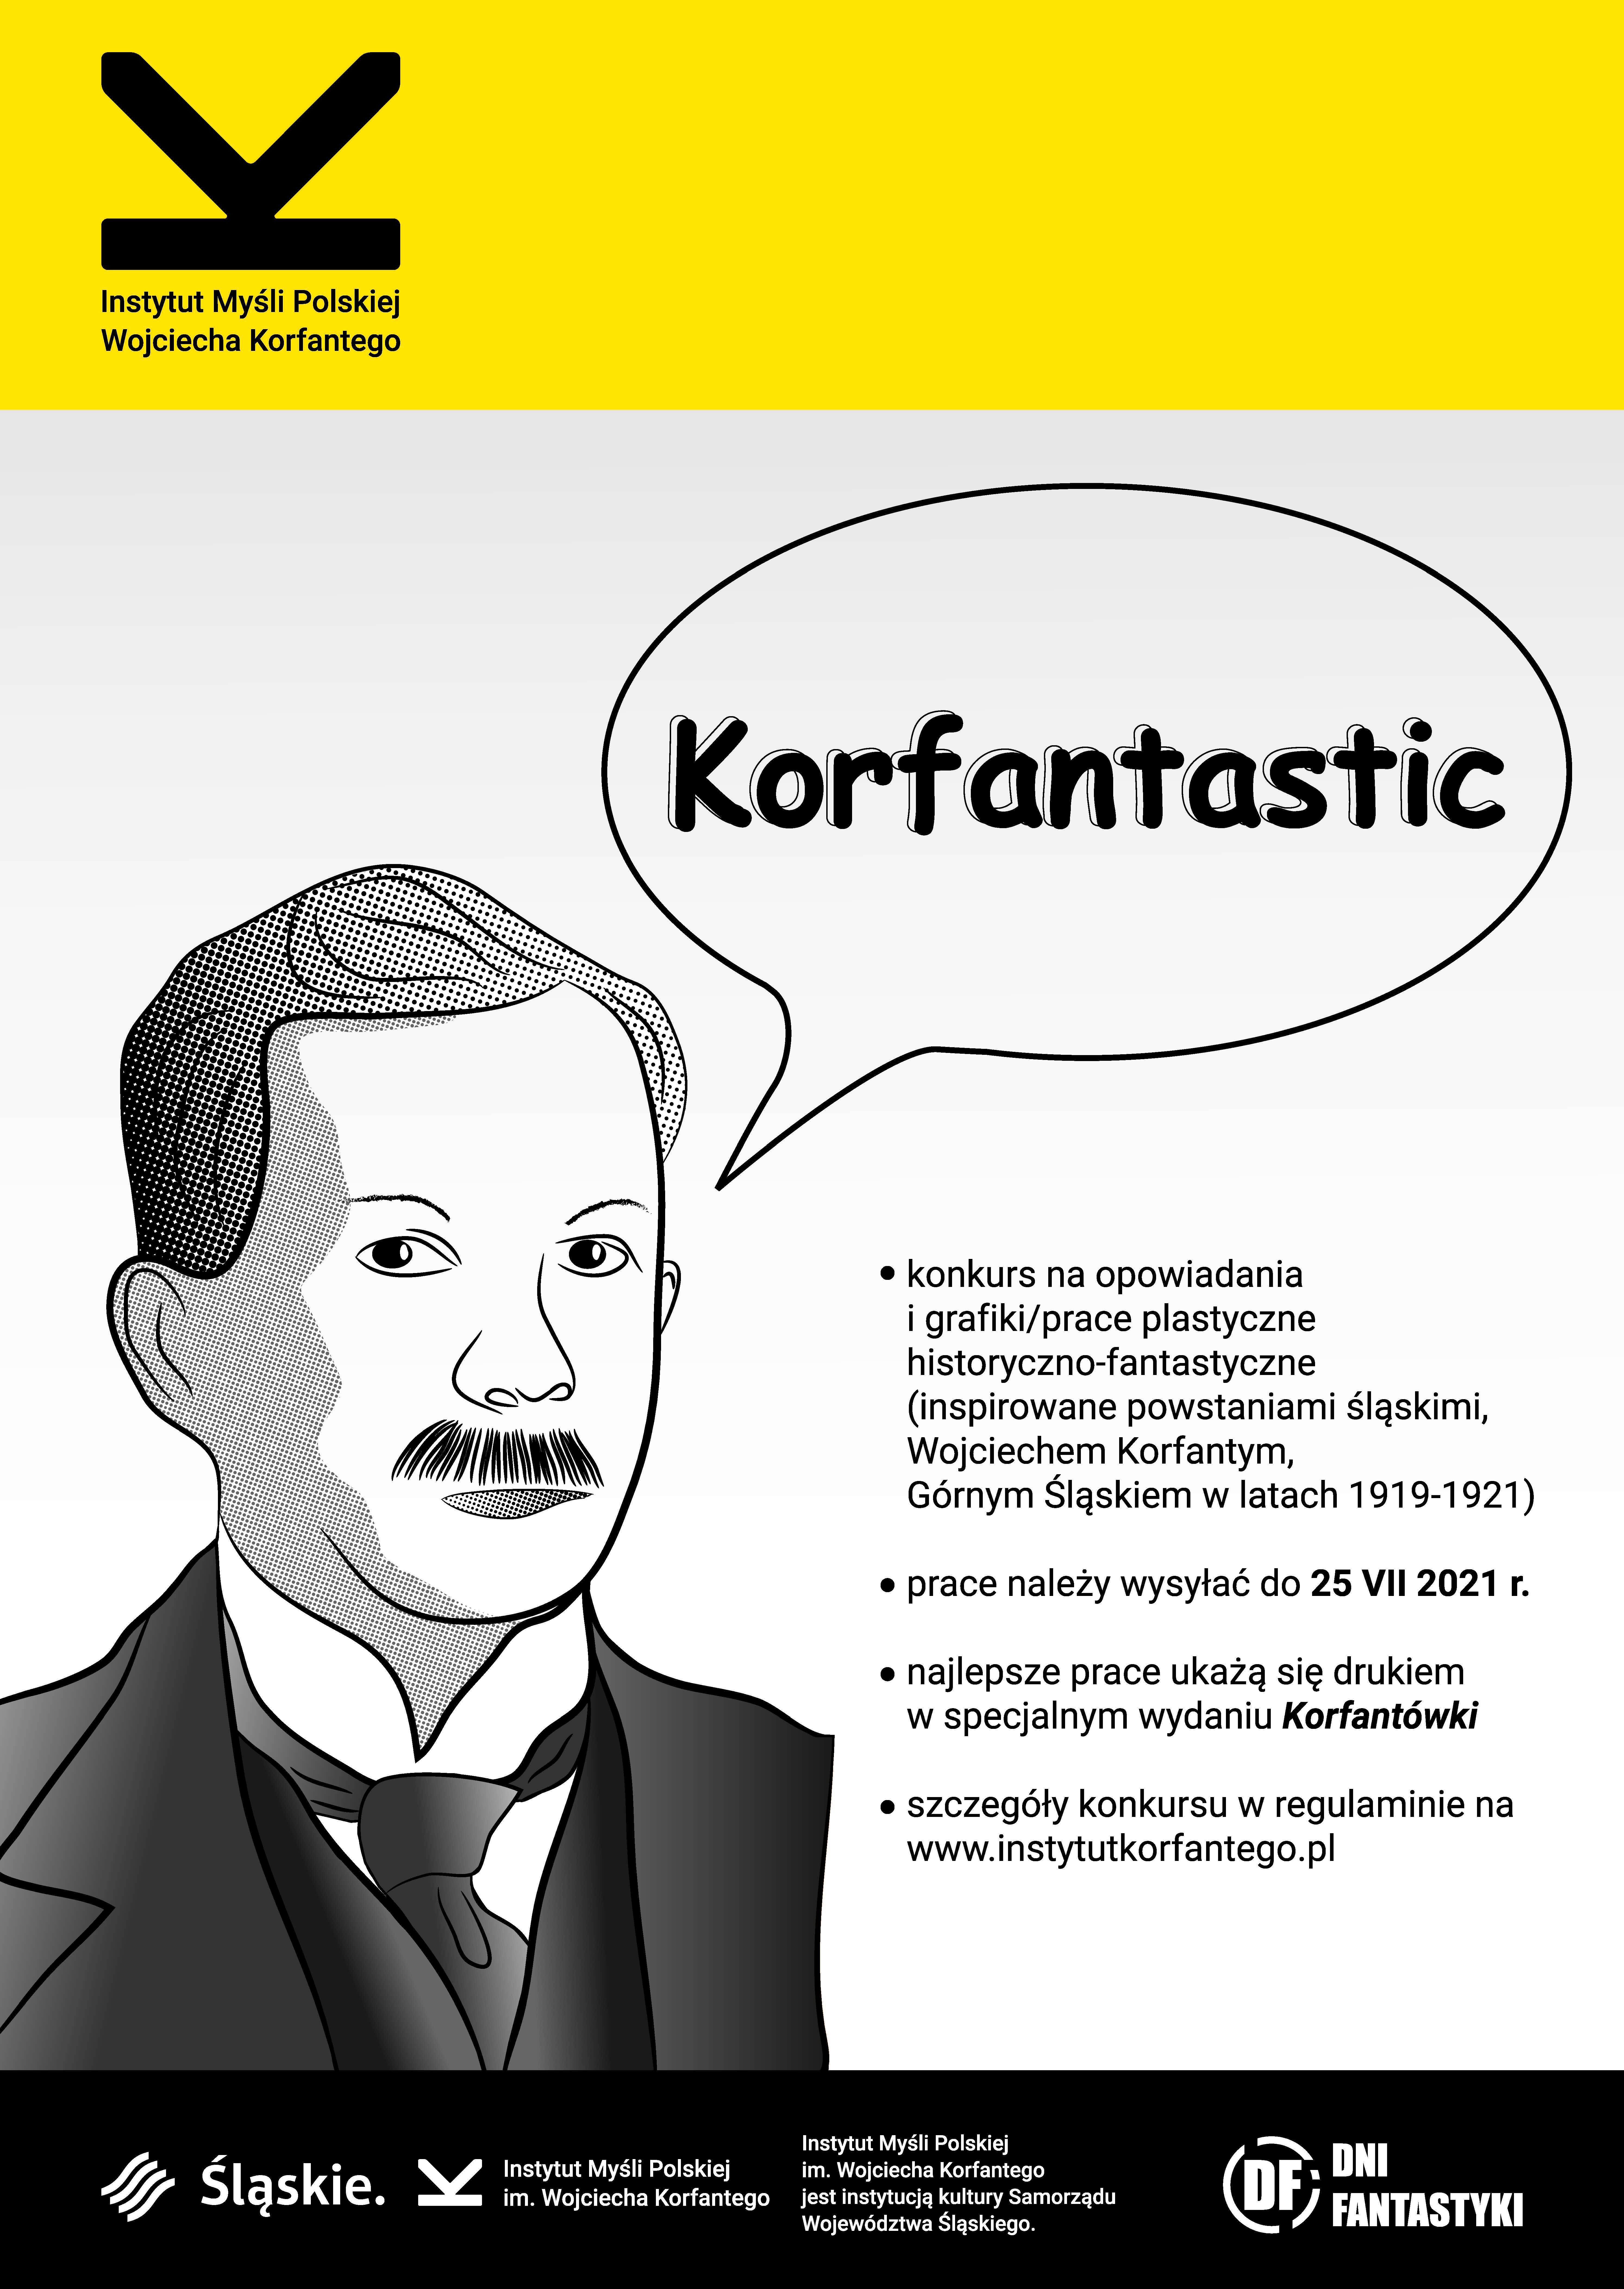 Grafika-szkic głowy Wojciecha Korfantego. Z głowy wystaje chmurka w konwencji komiksowej z napisem